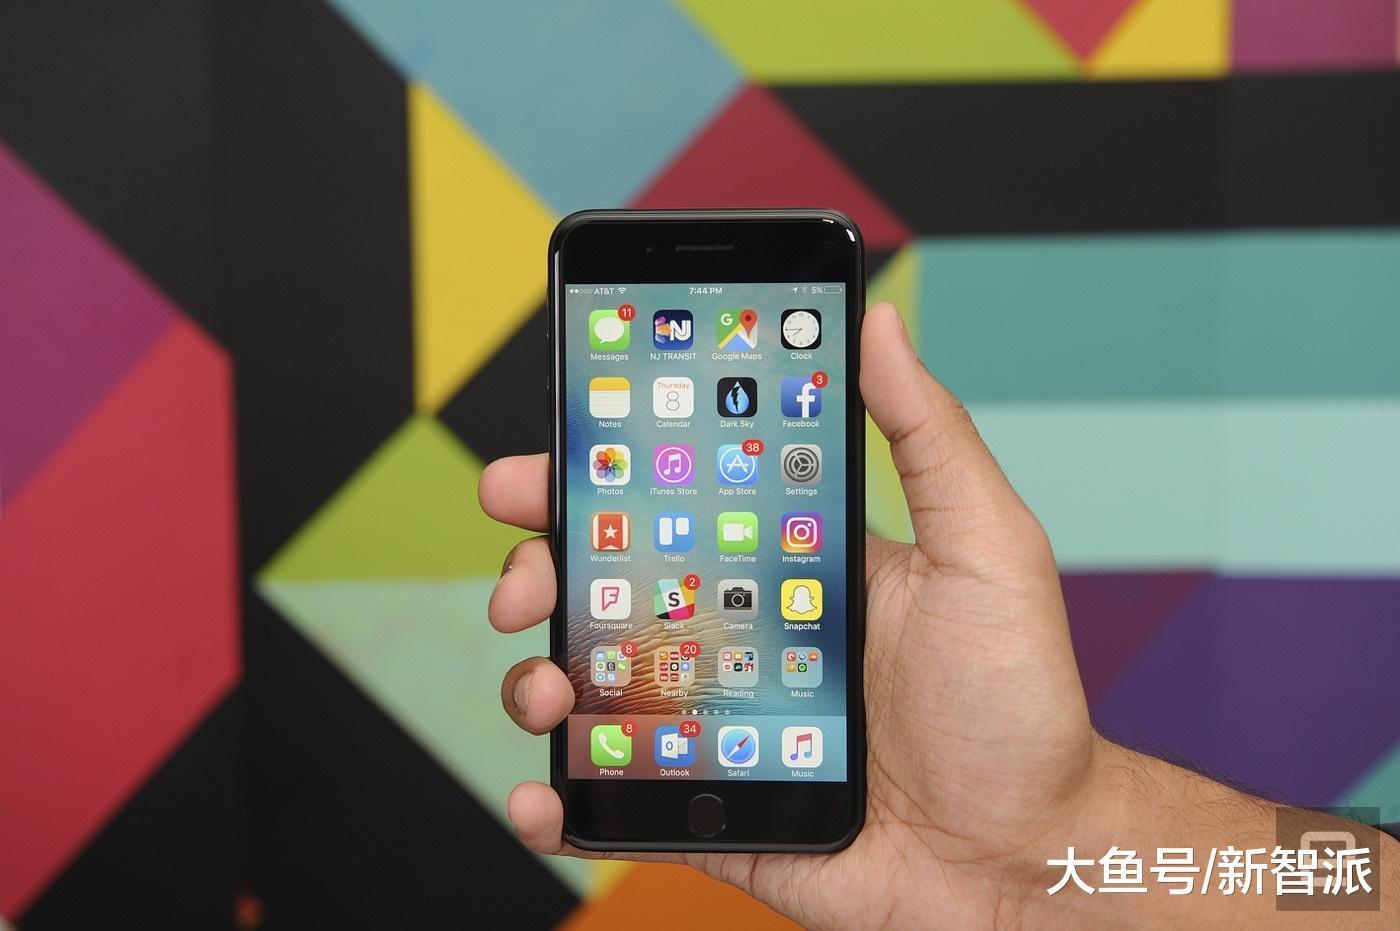 死守四千档! 苹果或重新生产iPhone7/8, 对标国产旗舰